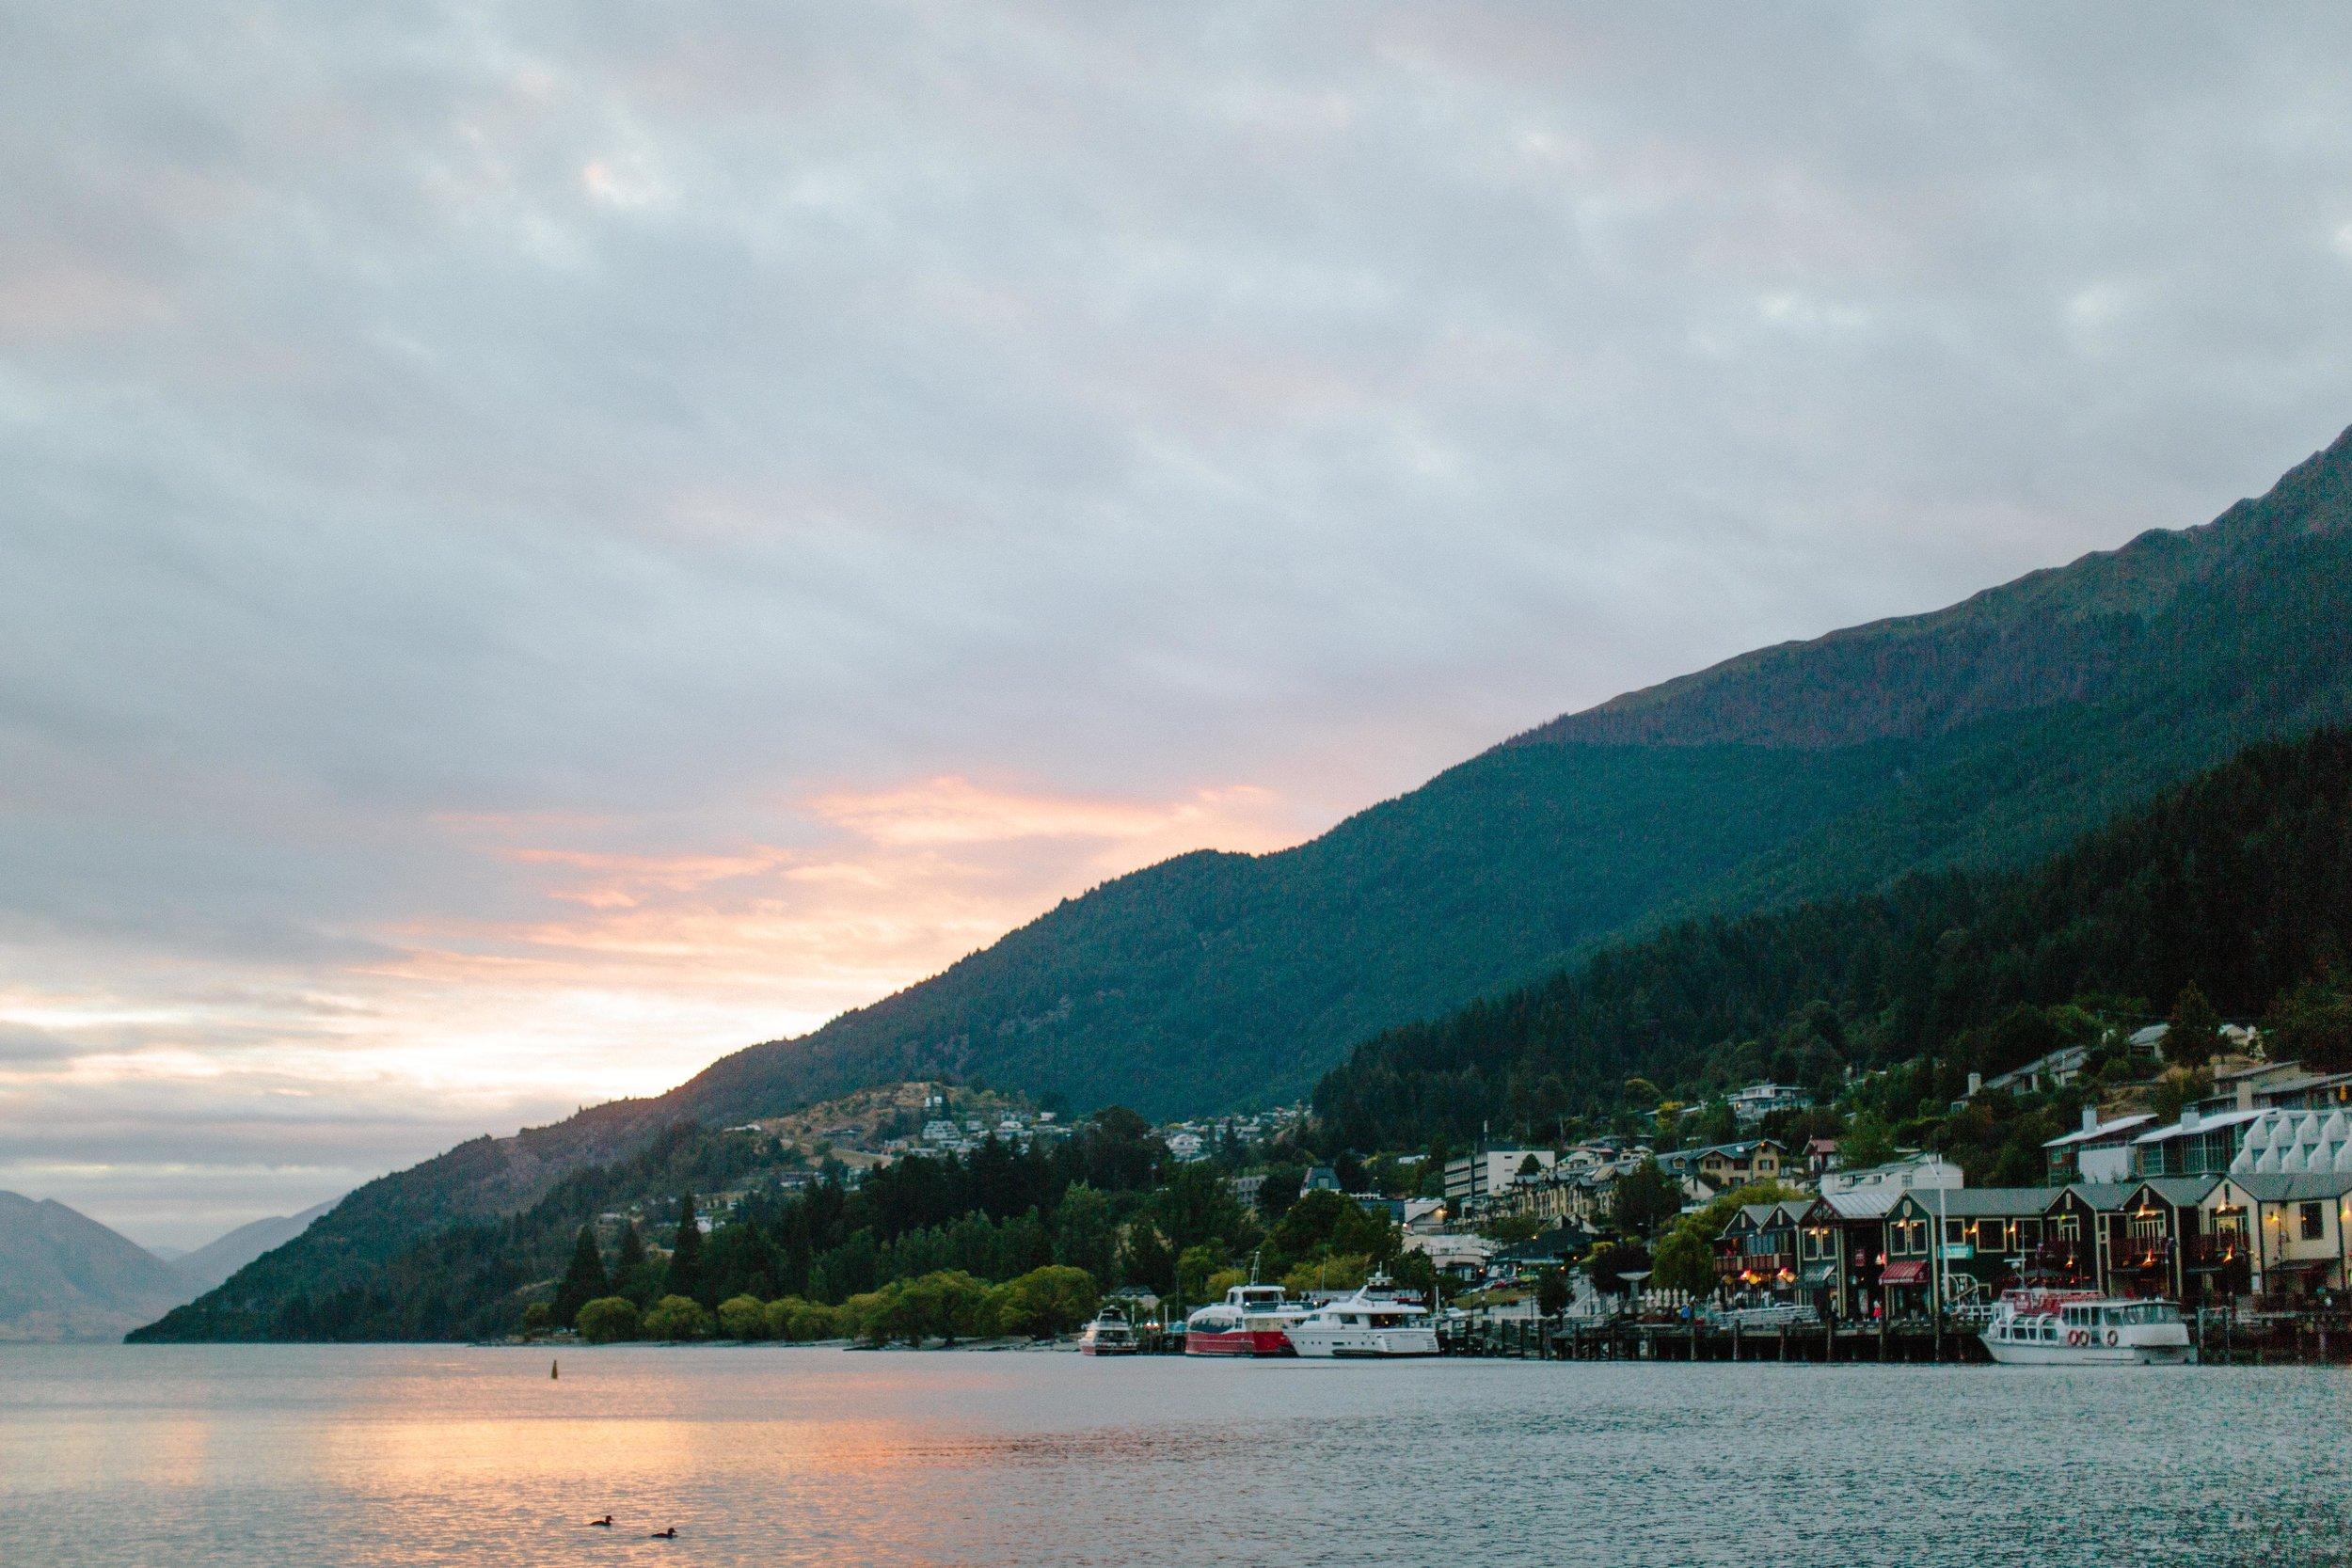 Sunset-Queenstown-Lake Wakatipu.jpg